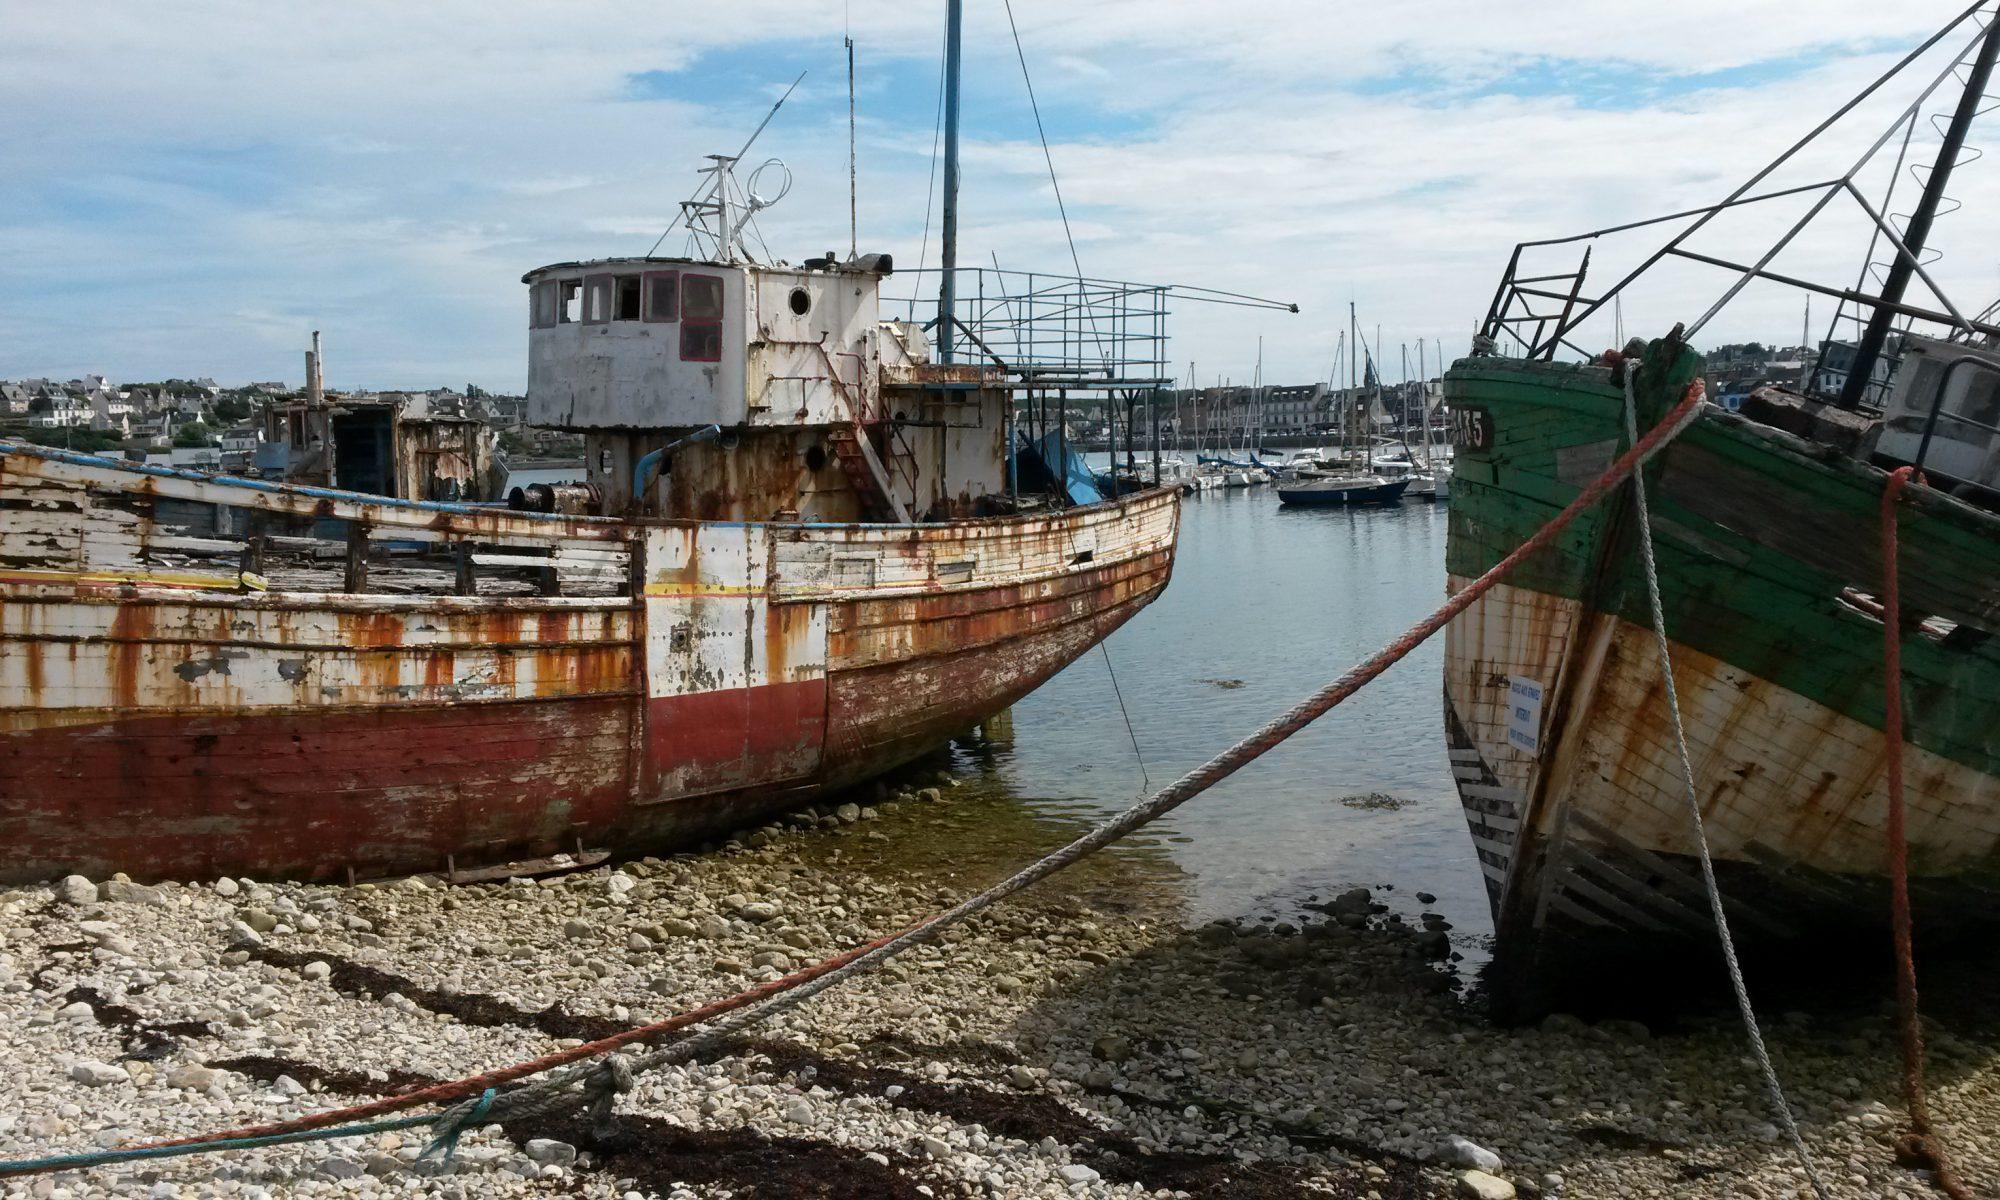 Camaret-sur-Mer in der Bucht von Brest.